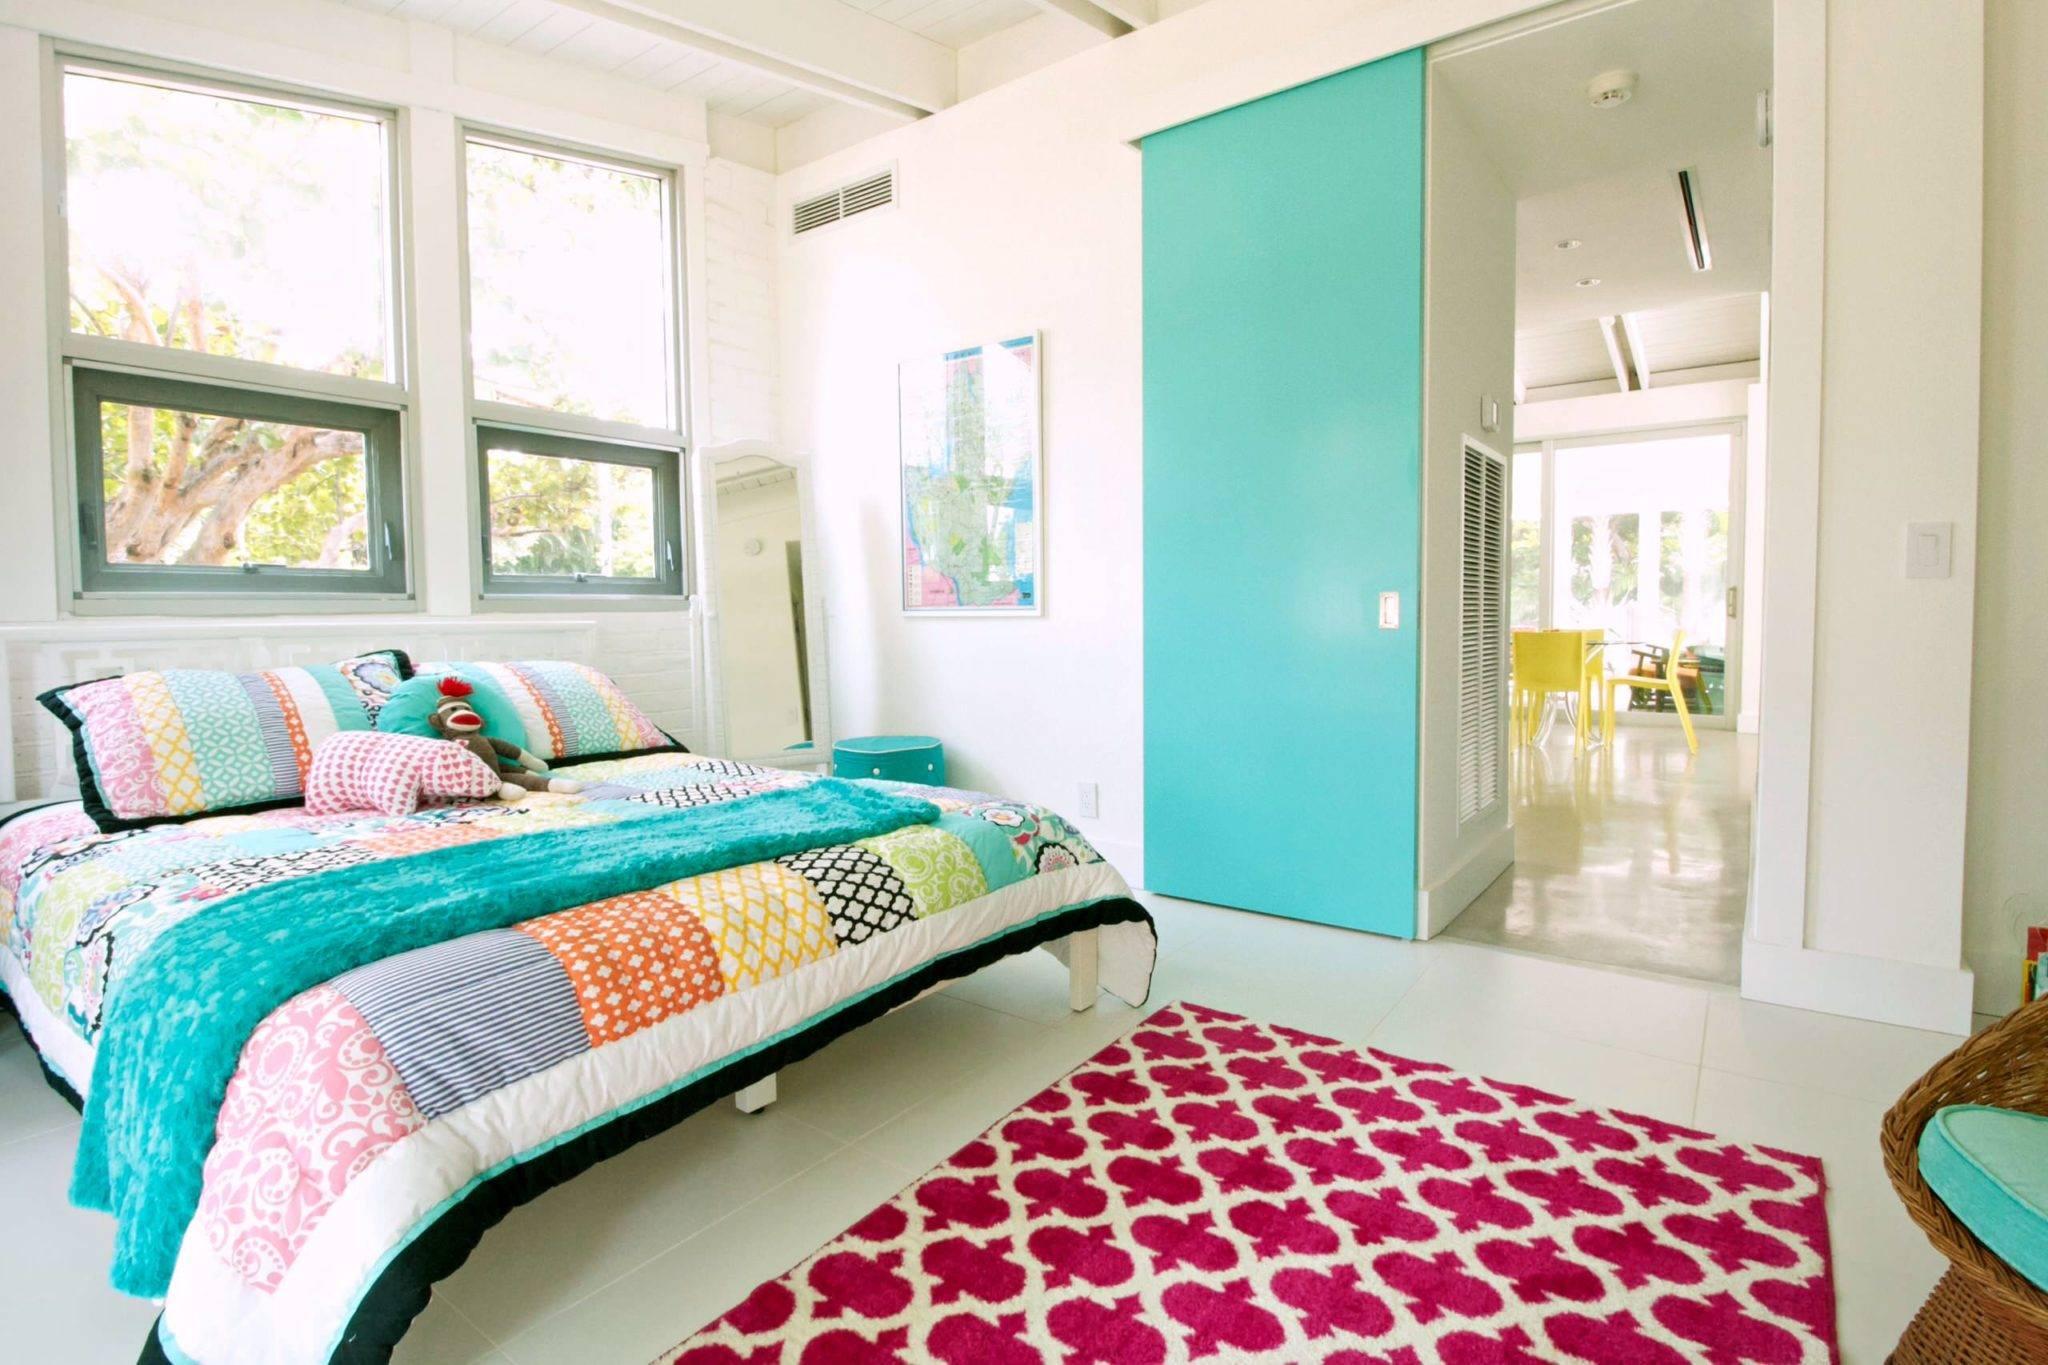 Phòng ngủ toàn màu trắng này được trang trí với màu xanh mòng két và xanh lam đậm để tạo cảm giác vui vẻ và tươi sáng cho căn phòng. Một chiếc chăn bông nhiều màu và một tấm thảm màu đỏ có hoa văn giữ cho căn phòng ấm cúng và hợp thời trang đồng thời.